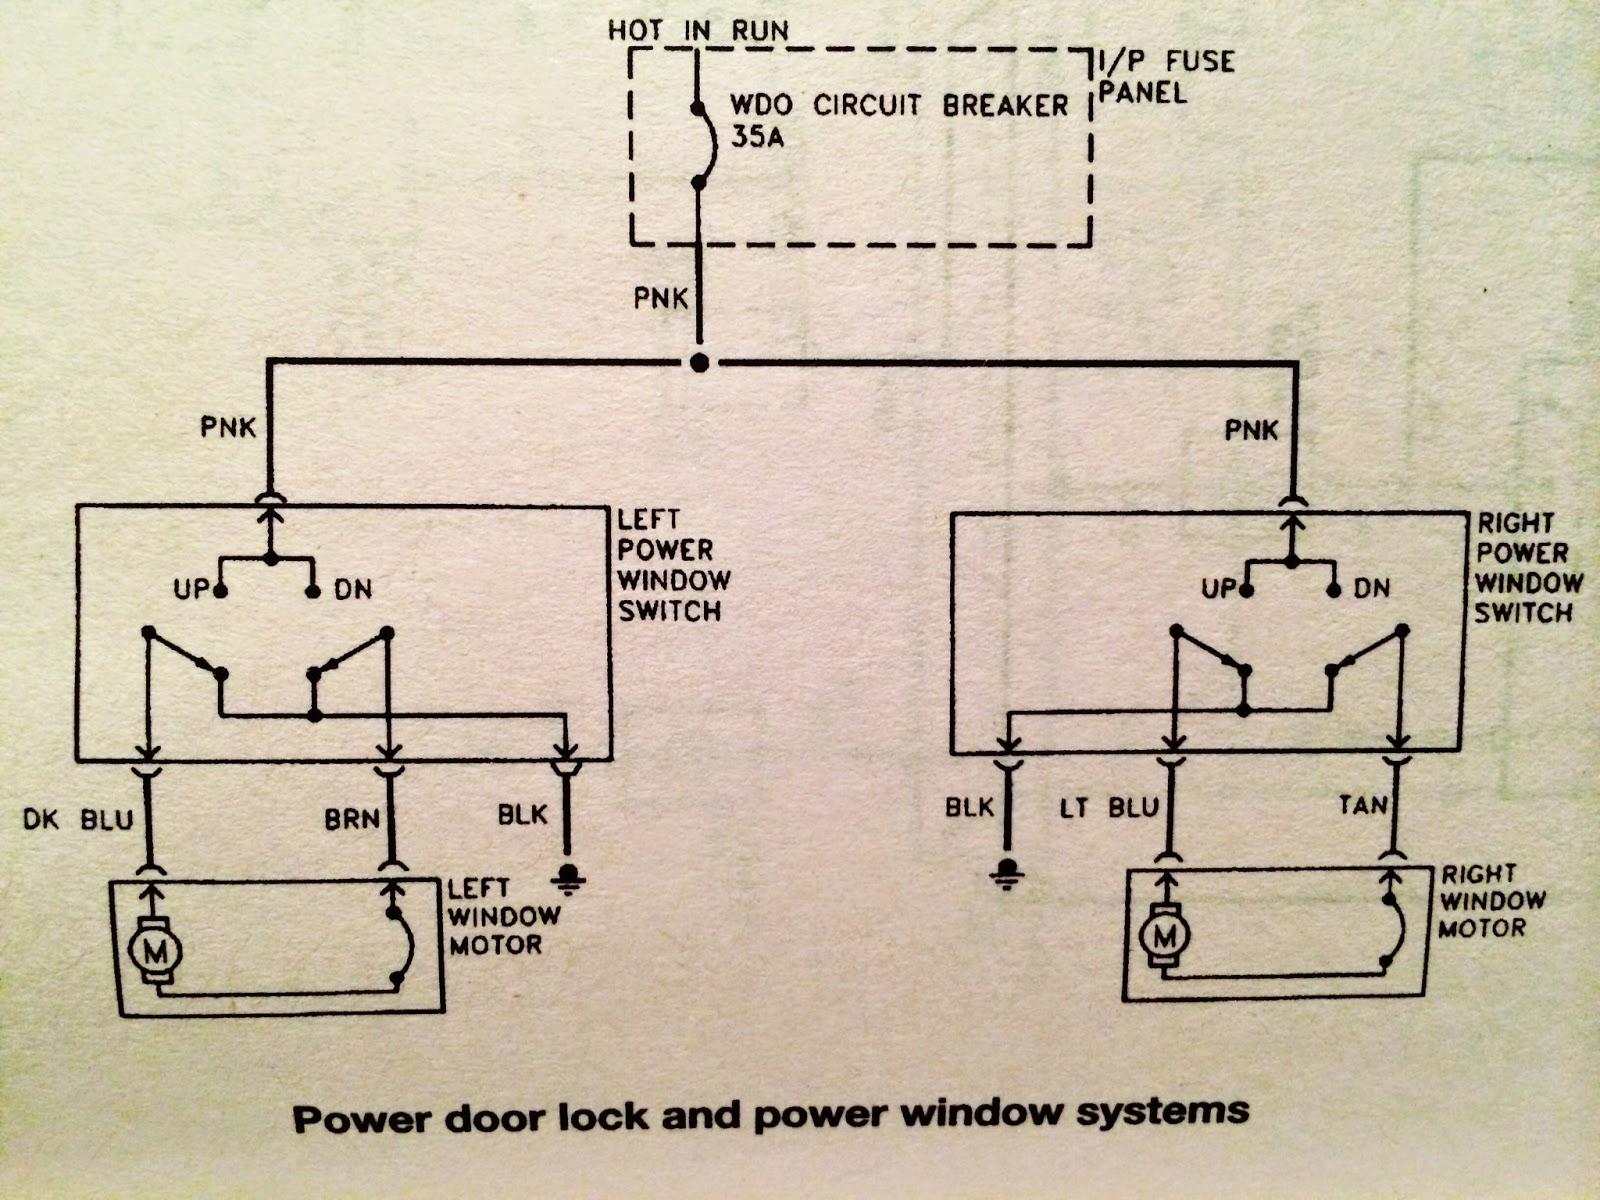 power window switch mod third generation f body message boardsmy next step is [ 1600 x 1200 Pixel ]